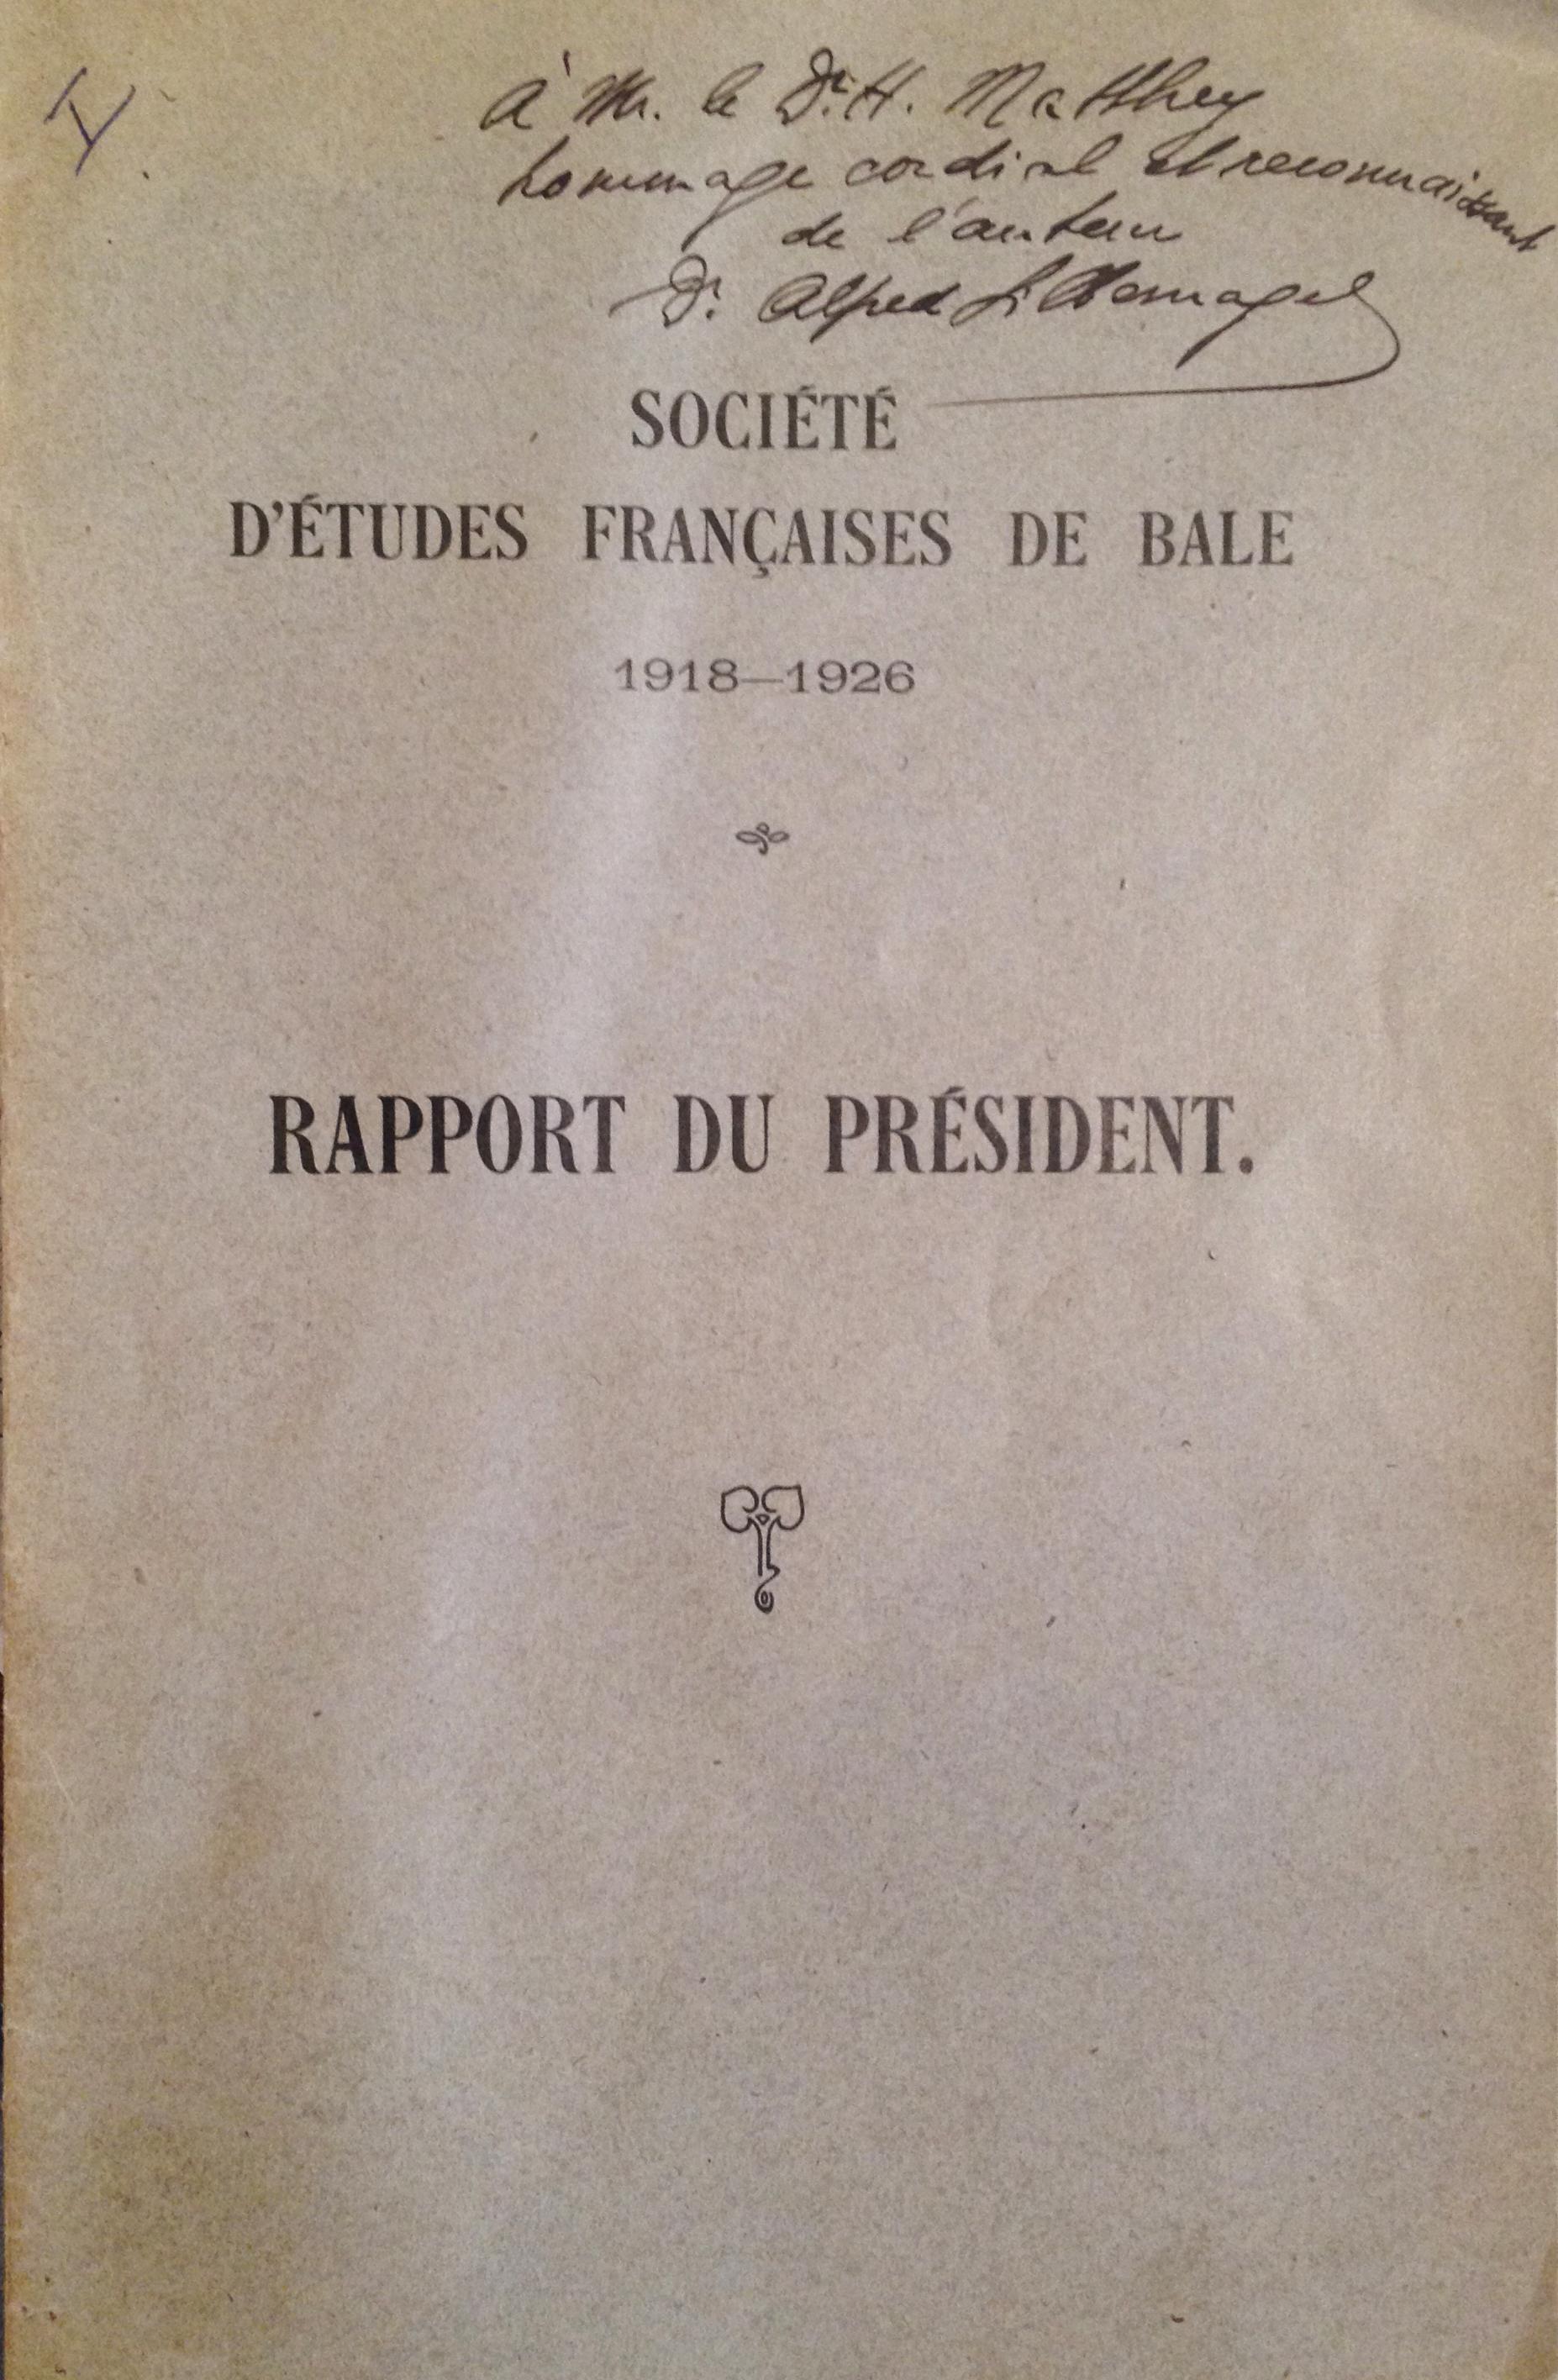 Rapport du président de la SEF en 1926